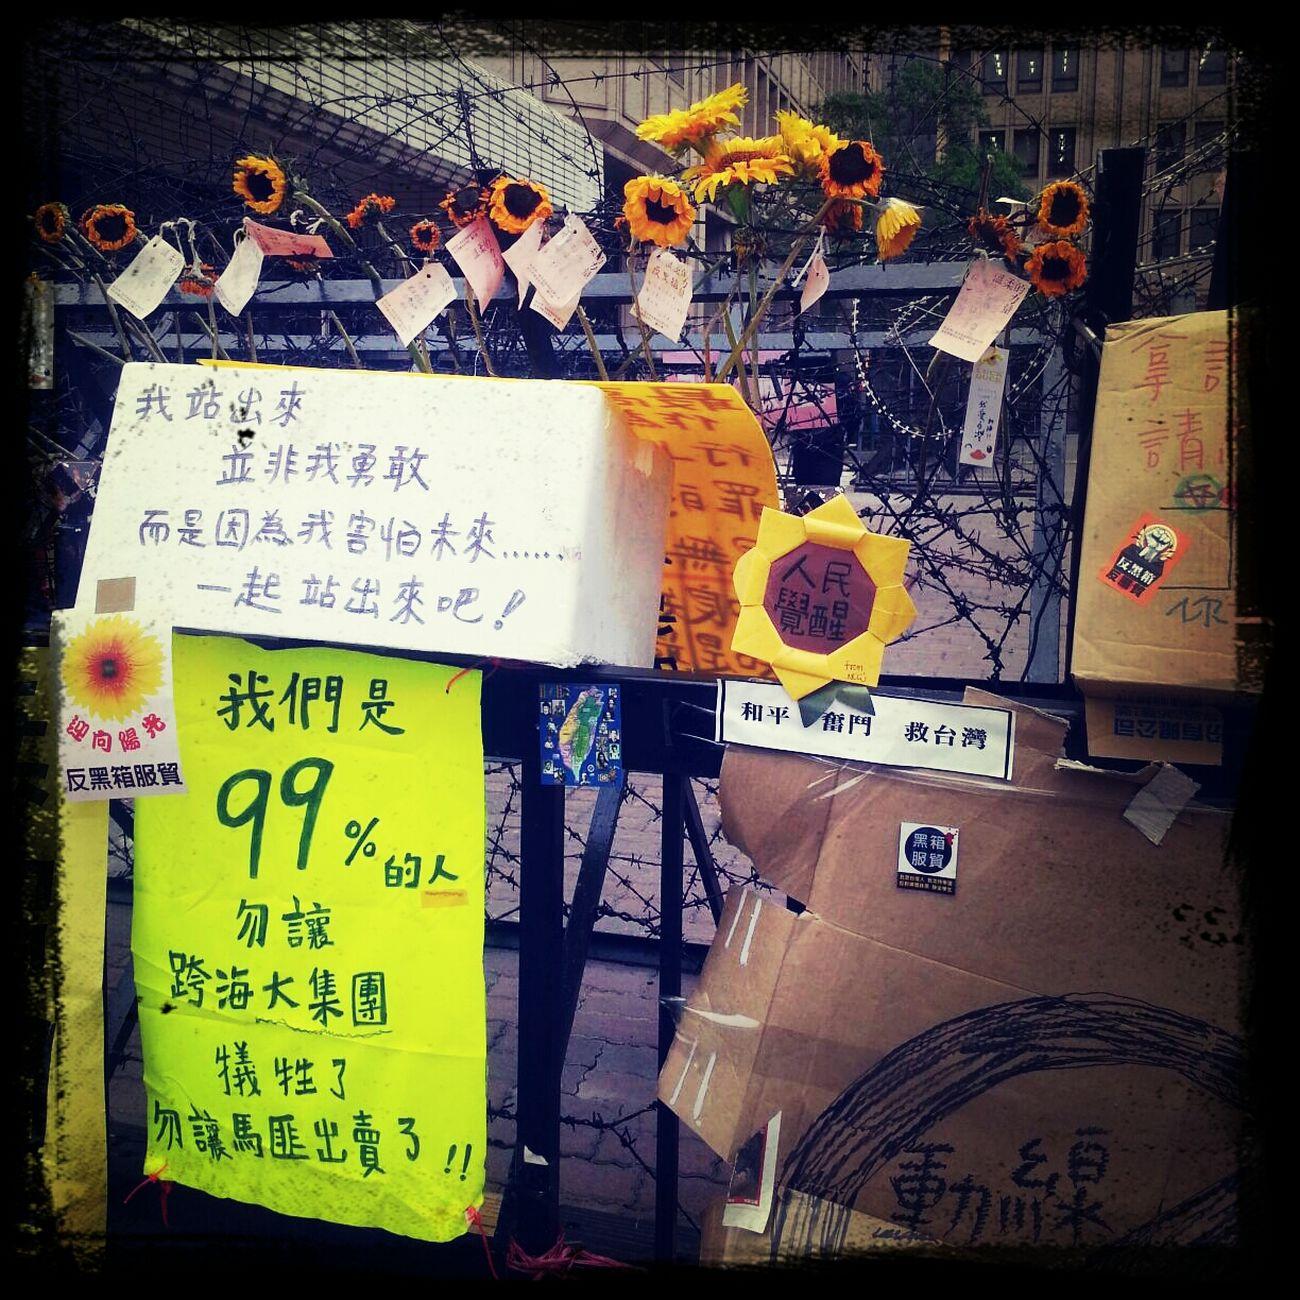 Sunflower movement in Taiwan First Eyeem Photo Sunflowermovement